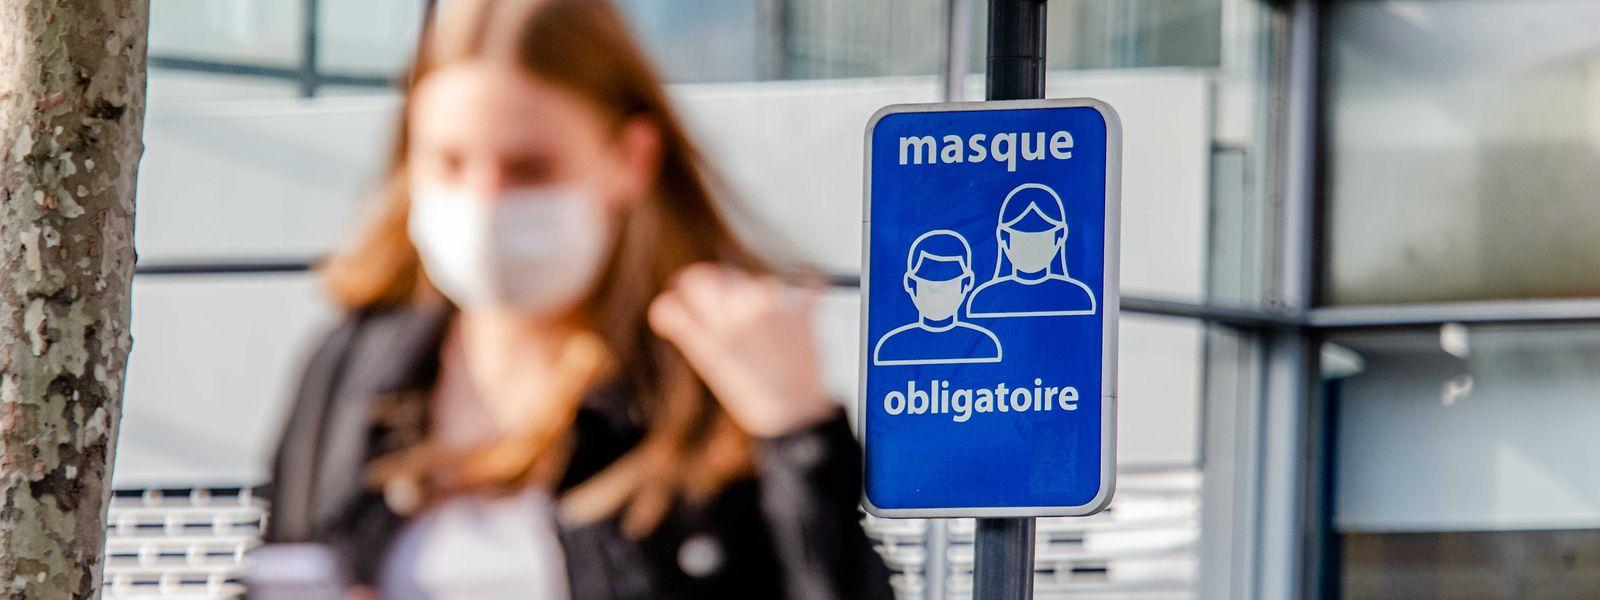 Die Stadt Liège meldet stark ansteigende Zahlen vonCorona-Fällen.